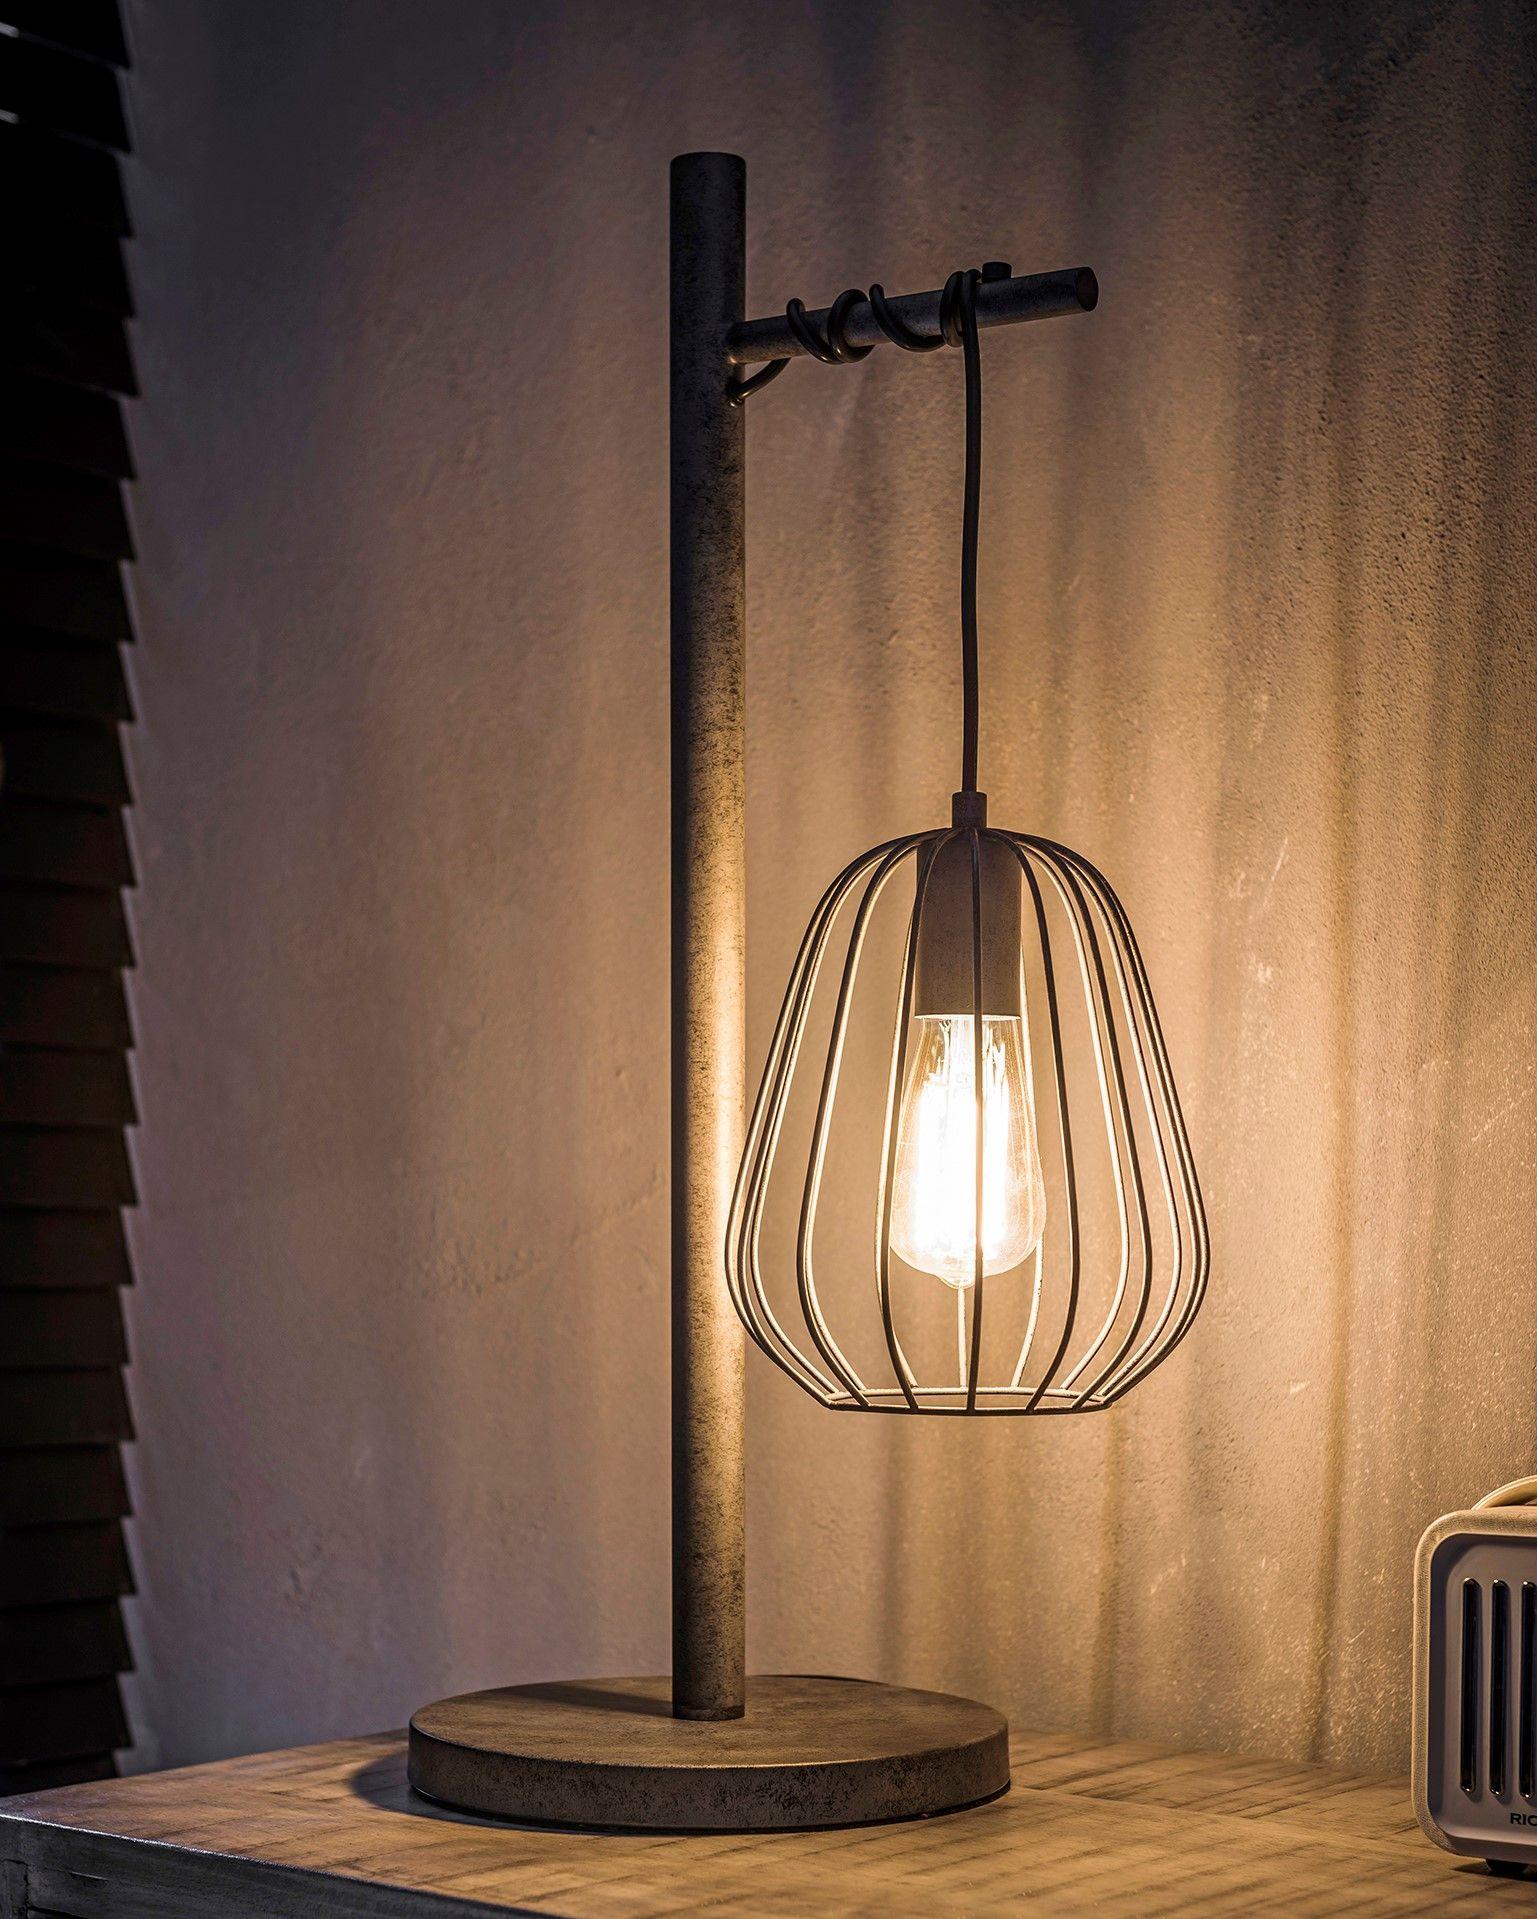 Tischlampe Lampoon Tischlampen Lampen Coole Lampen